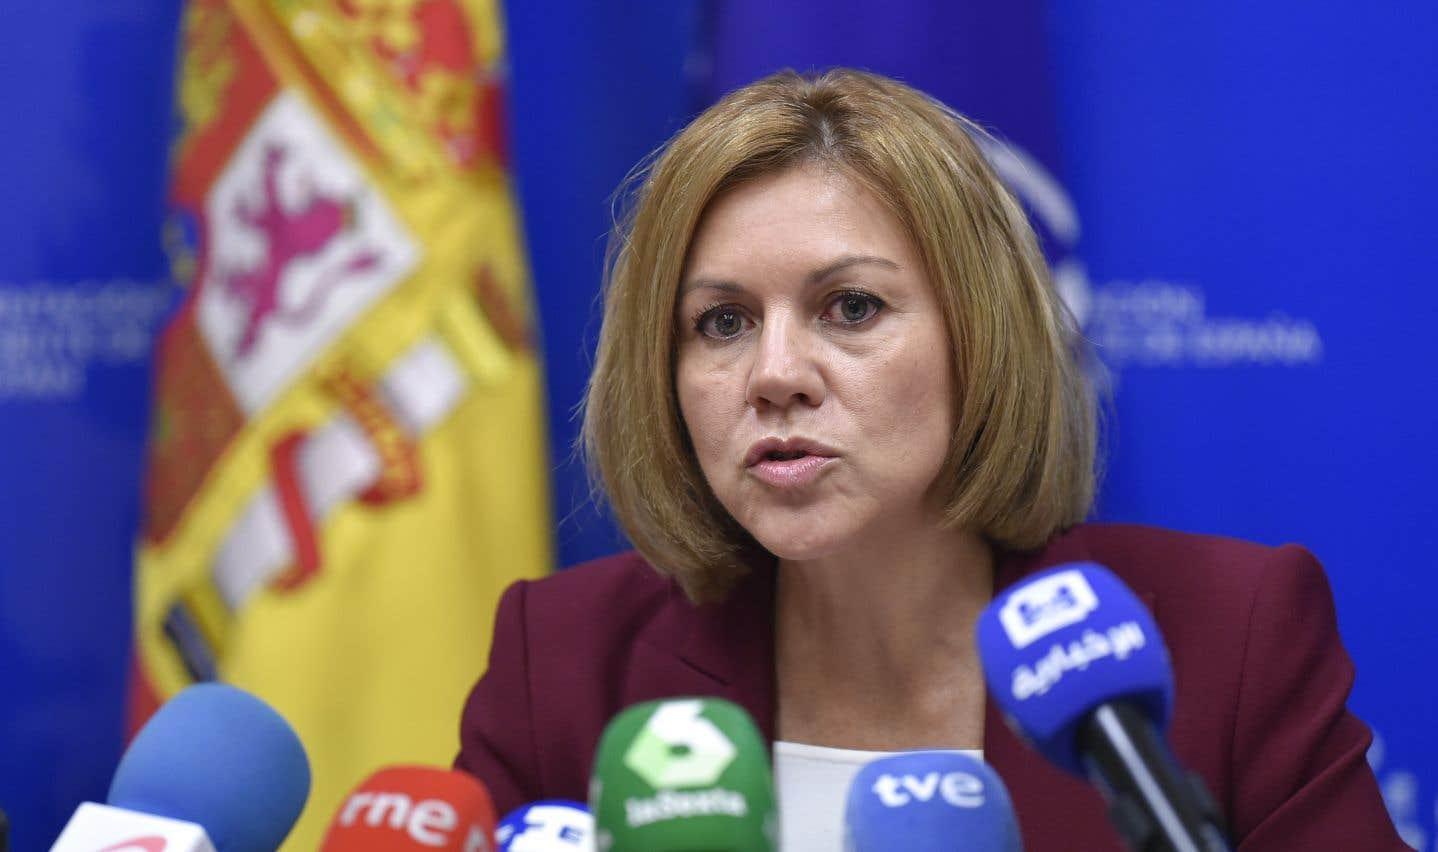 Madrid alerte l'Europe de «manipulations russes» dans la crise catalane